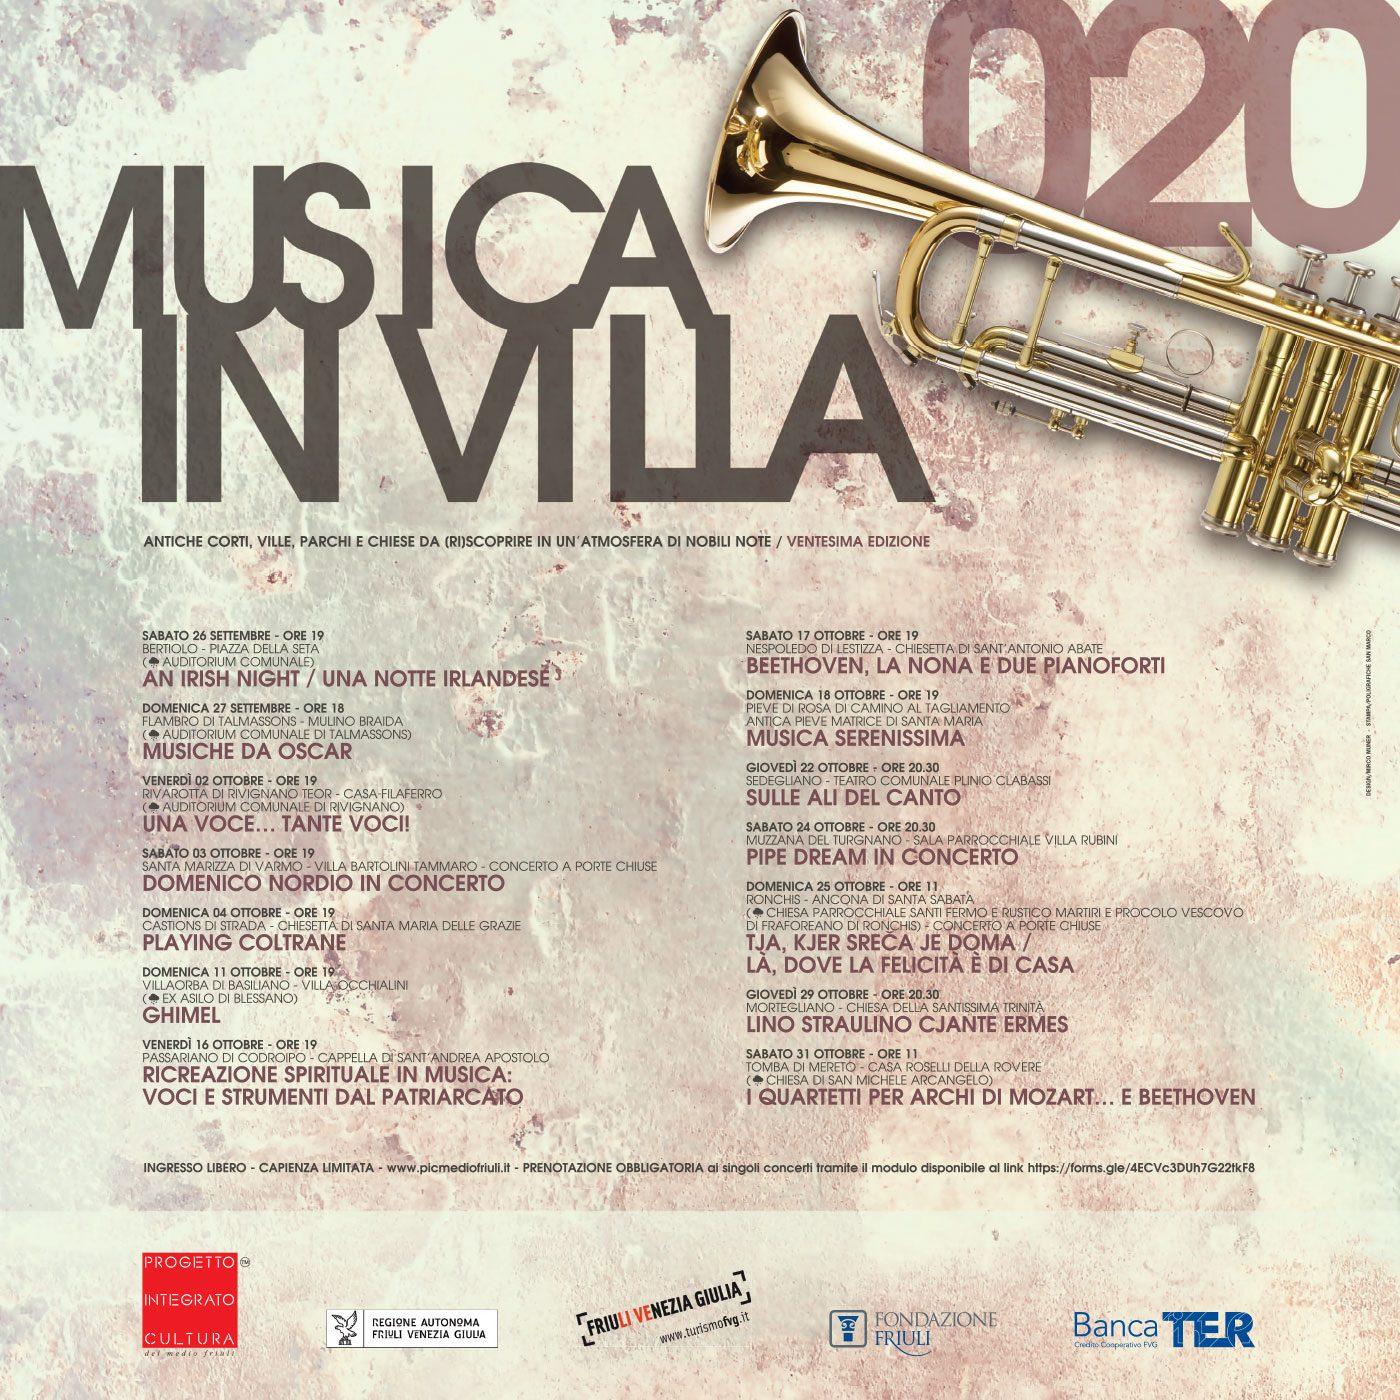 MUSICA IN VILLA 2020 14 concerti, dal 26 settembre al 31 ottobre